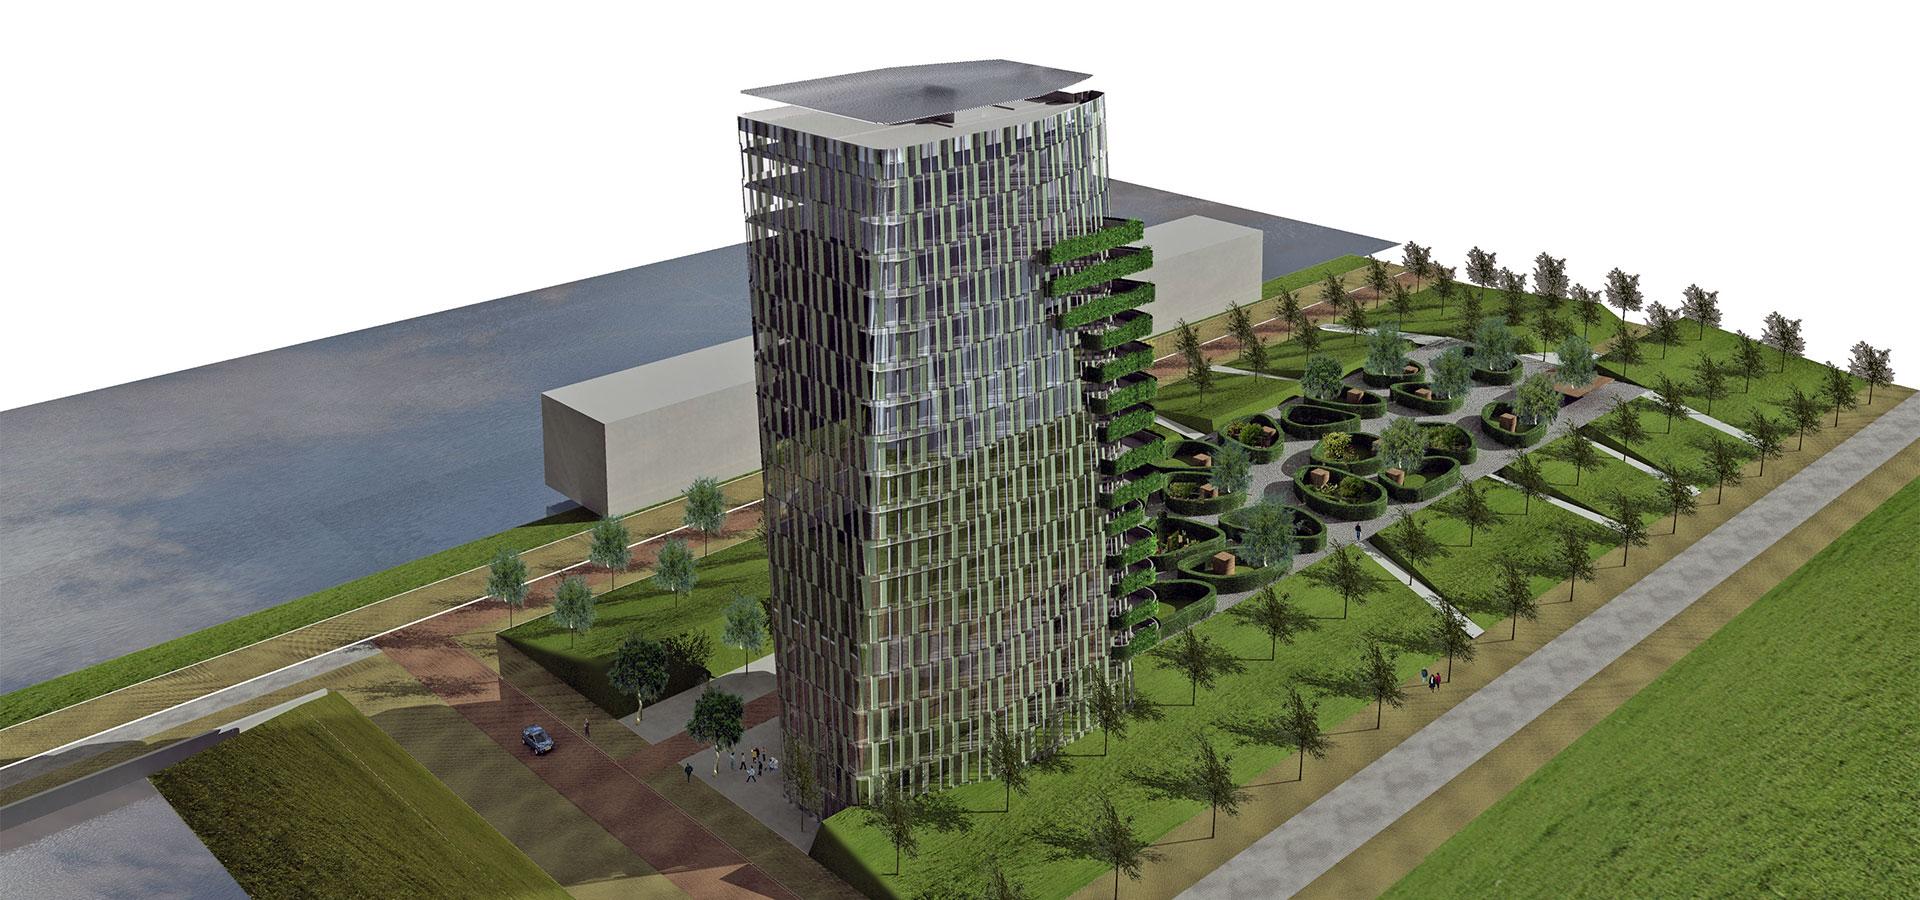 FARO architecten Casa Cascada Cascadepark Almere 01